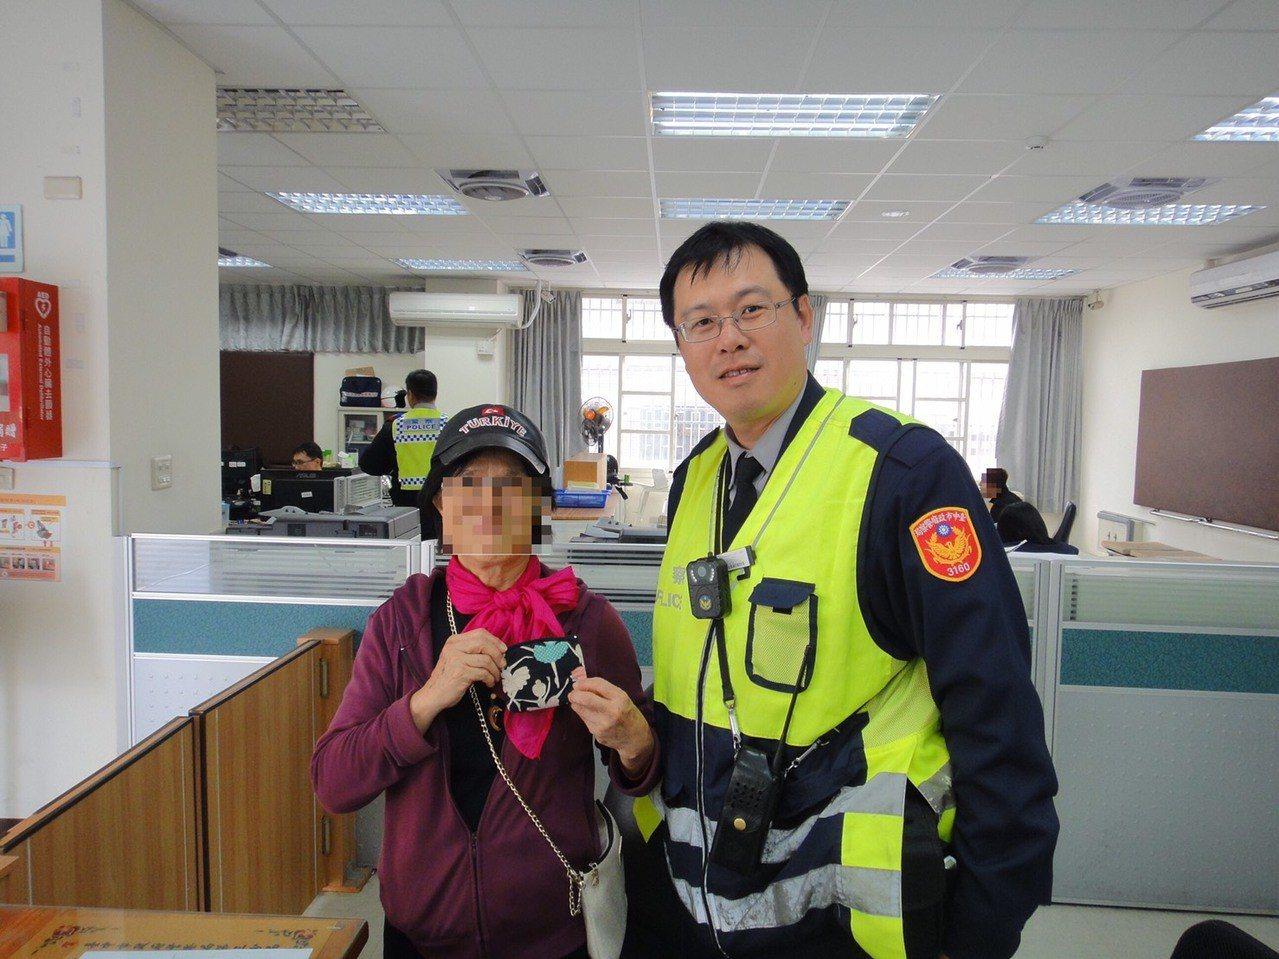 台中市林姓婦人8日在第三市場遺失錢包,警員黃柏華(右)用三張發票找出線索,將錢包...